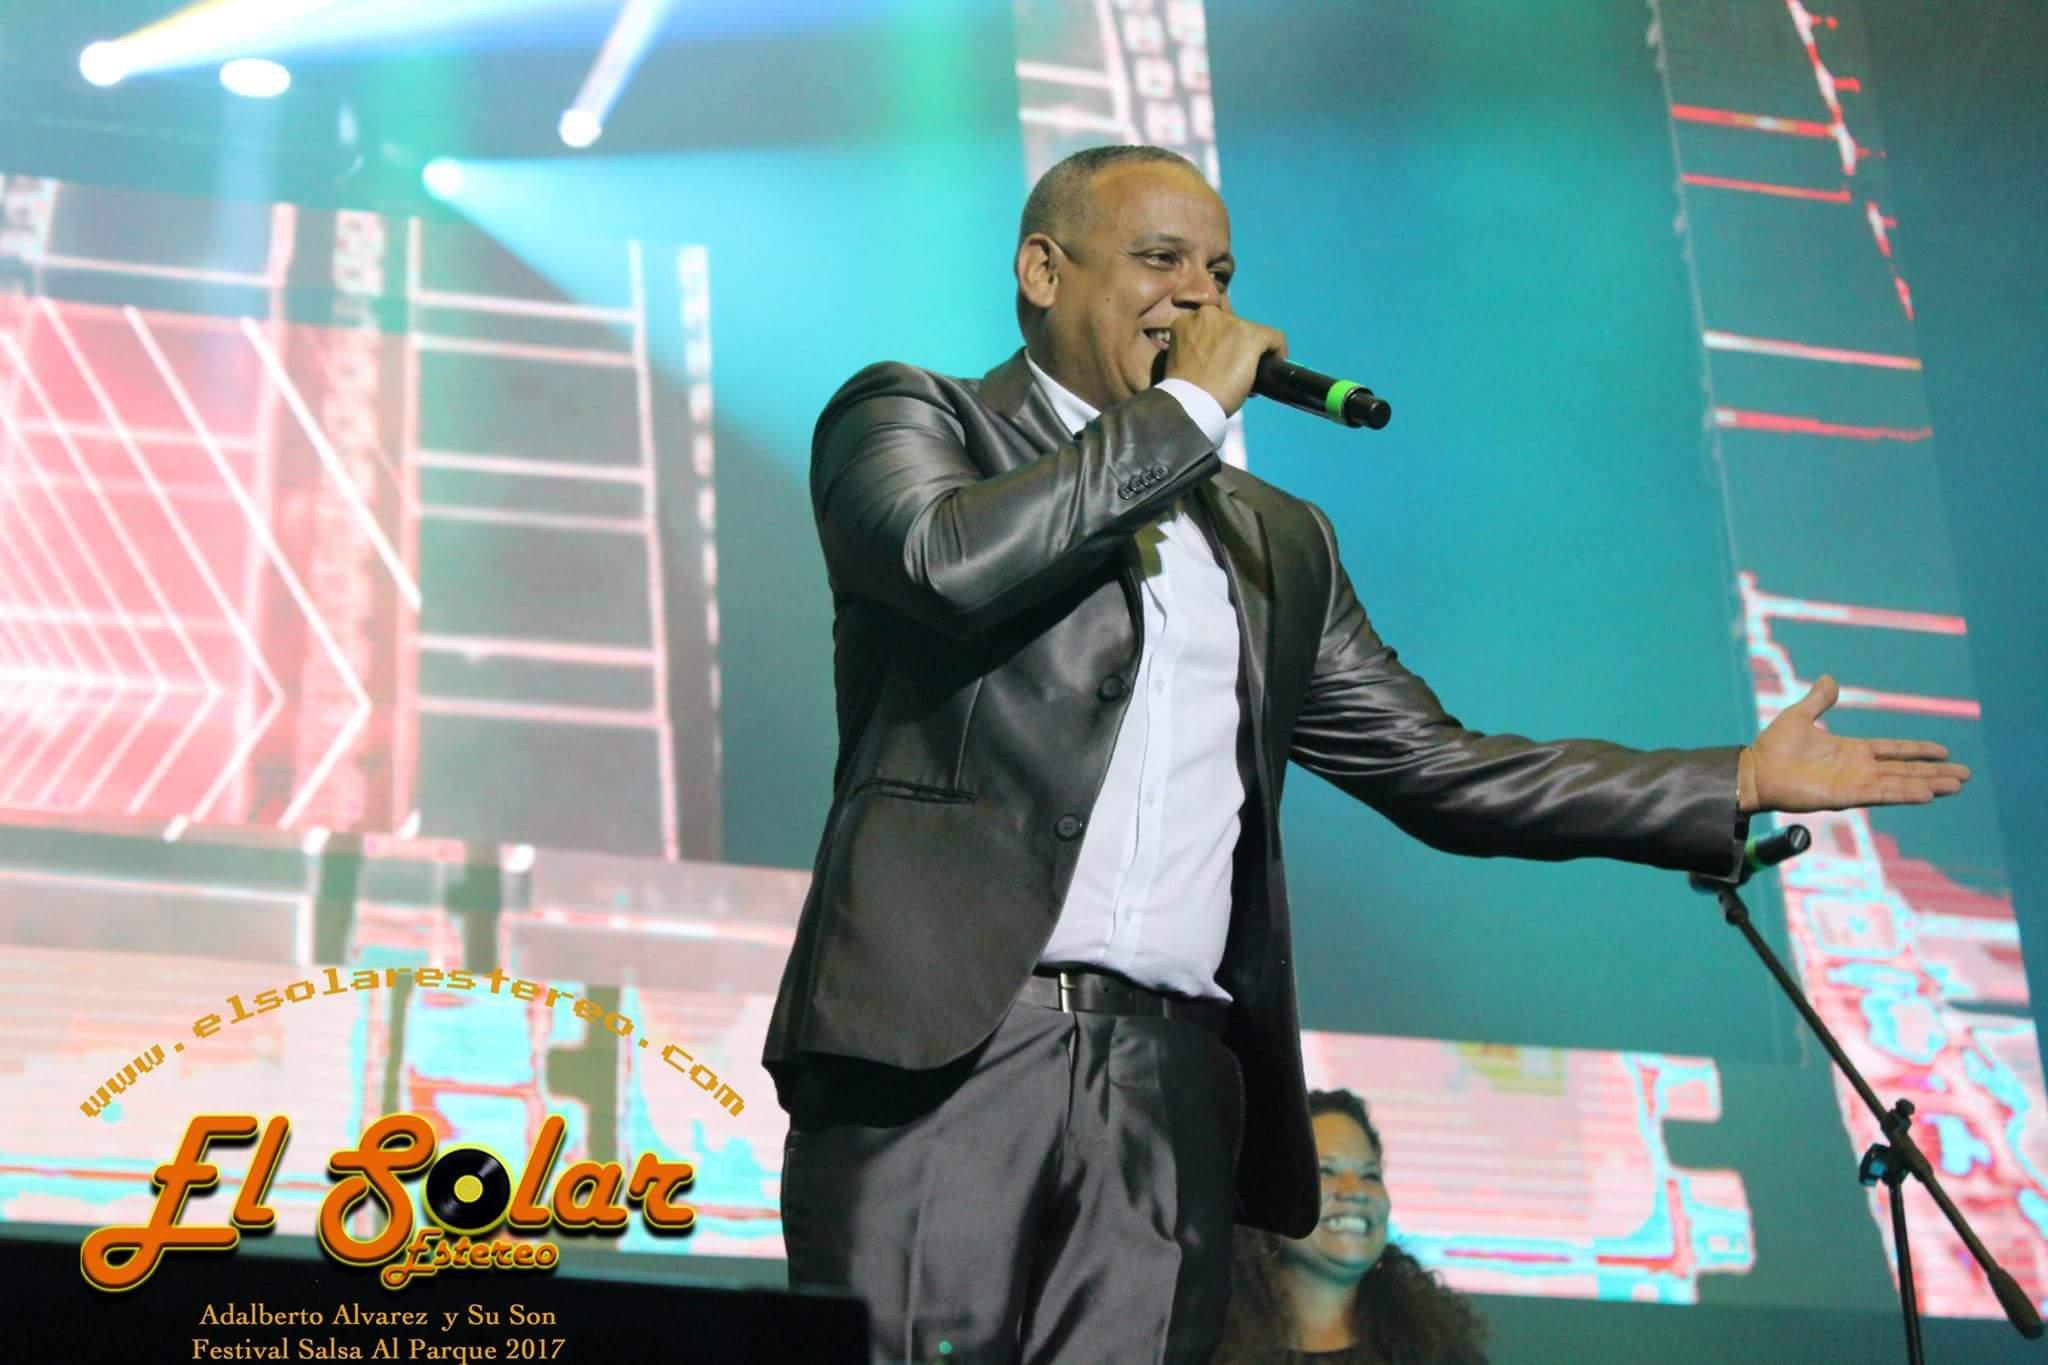 Vocalist Michel González during Salsa al Parque Festival presentation